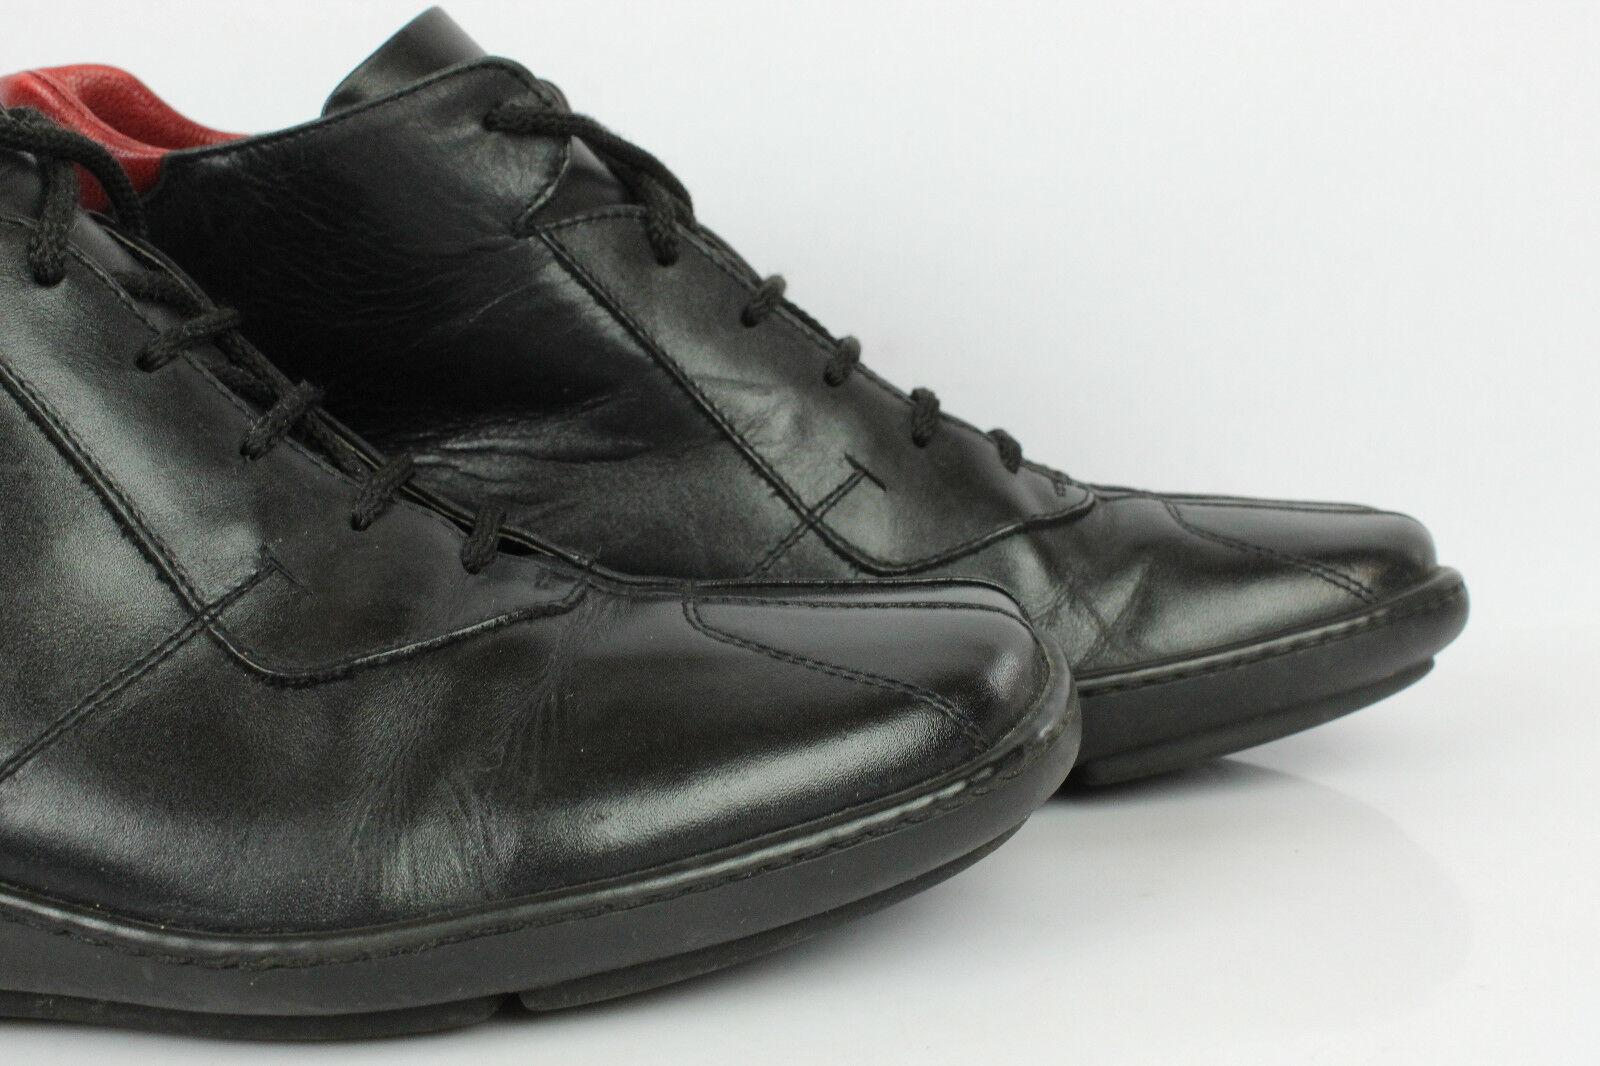 Oxfordschuhe hoch Leder Schwarz de 41 41 41   UK 7,5 sehr guter Zustand af0b5c